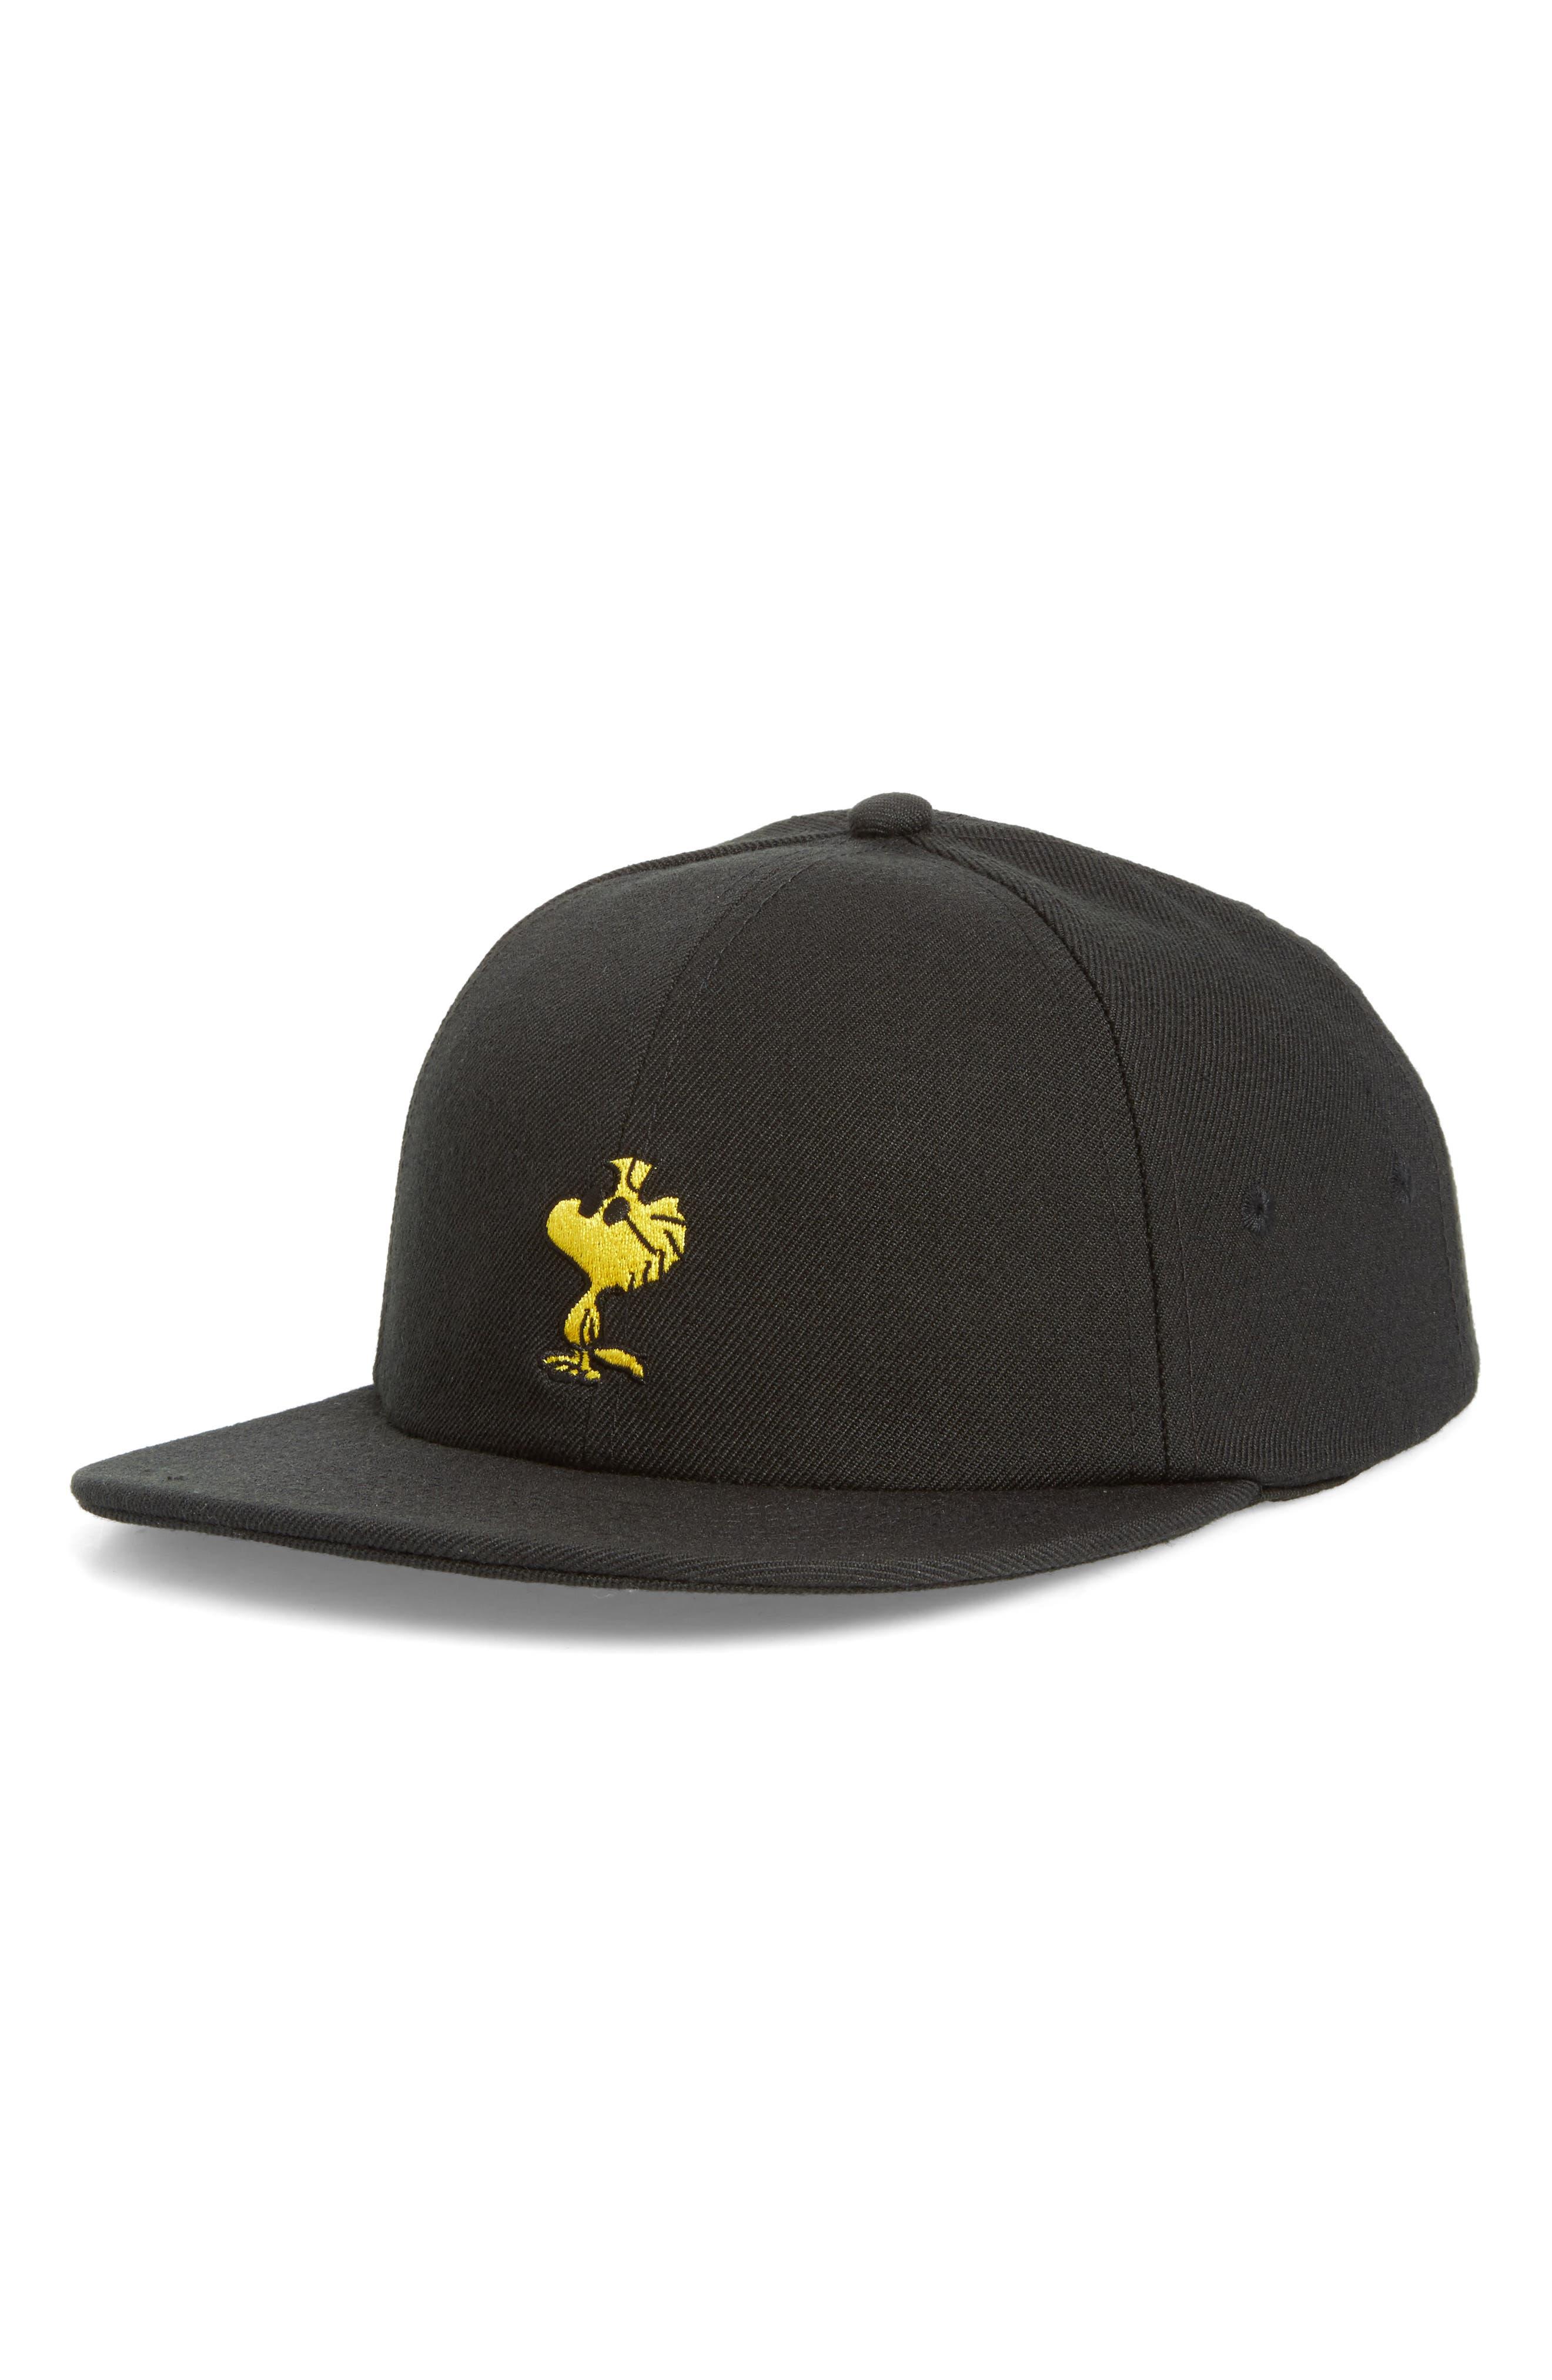 Vans x Peanuts® Ball Cap